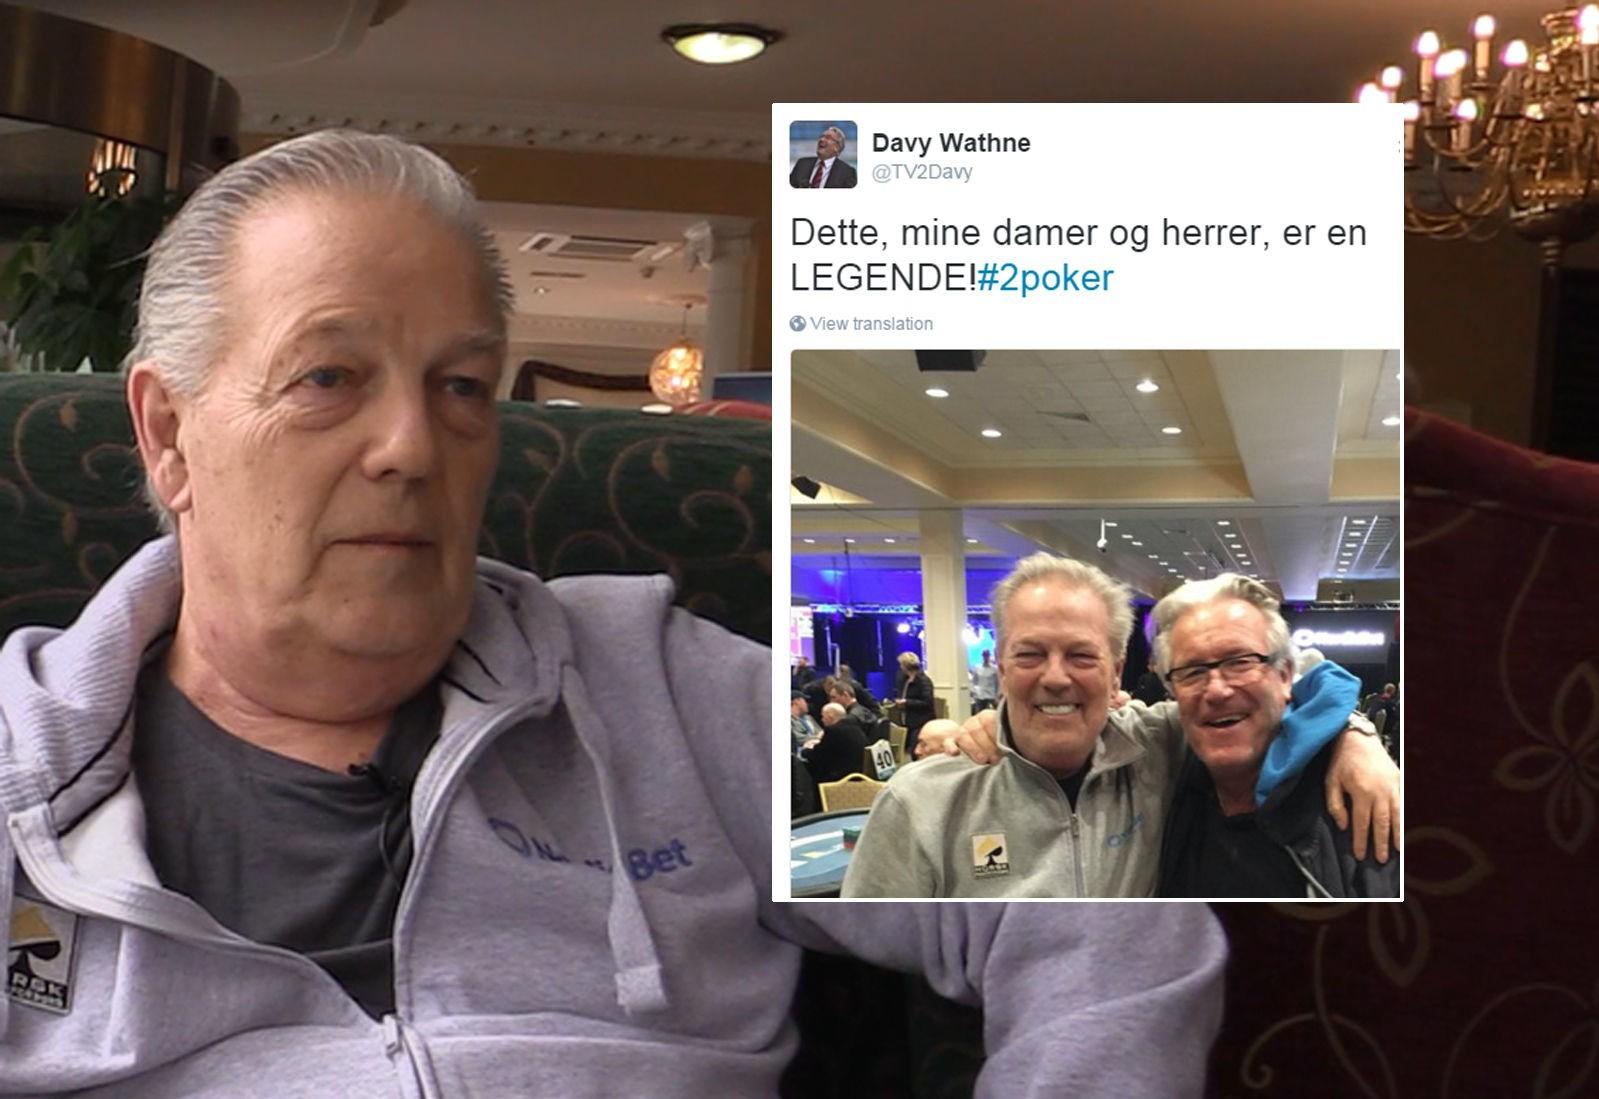 DAVY WATHNE satte pris på å møte Thor Hansen under poker-NM i Dublin. Følelsen var gjensidig.